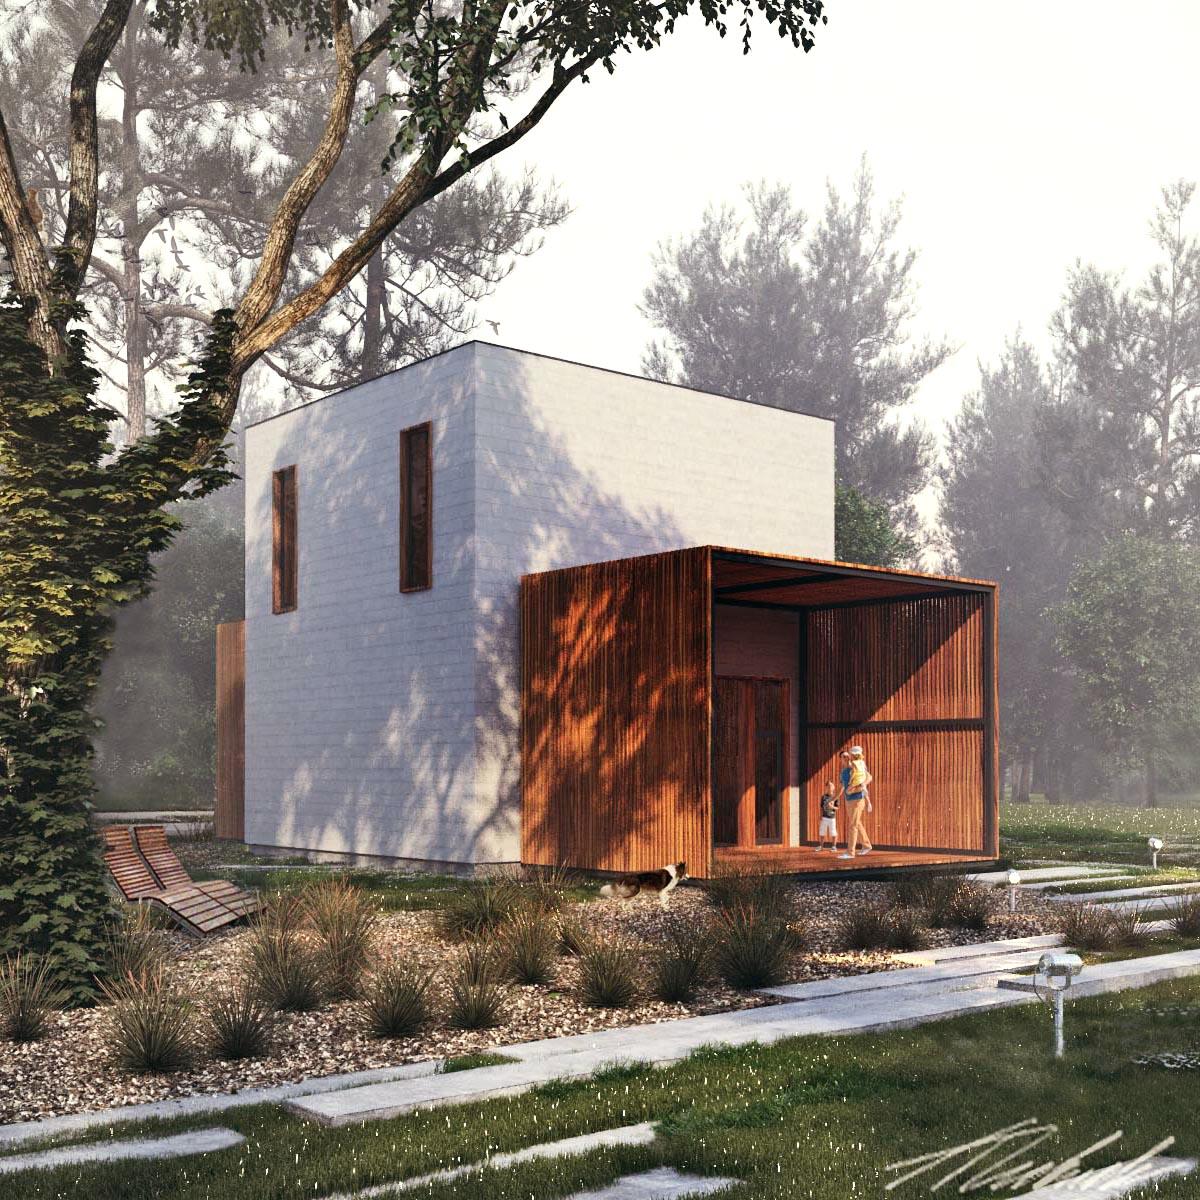 Строю правильный дом под ключ с микроклиматом безс автоматизацией по цене квартиры  1. Введение